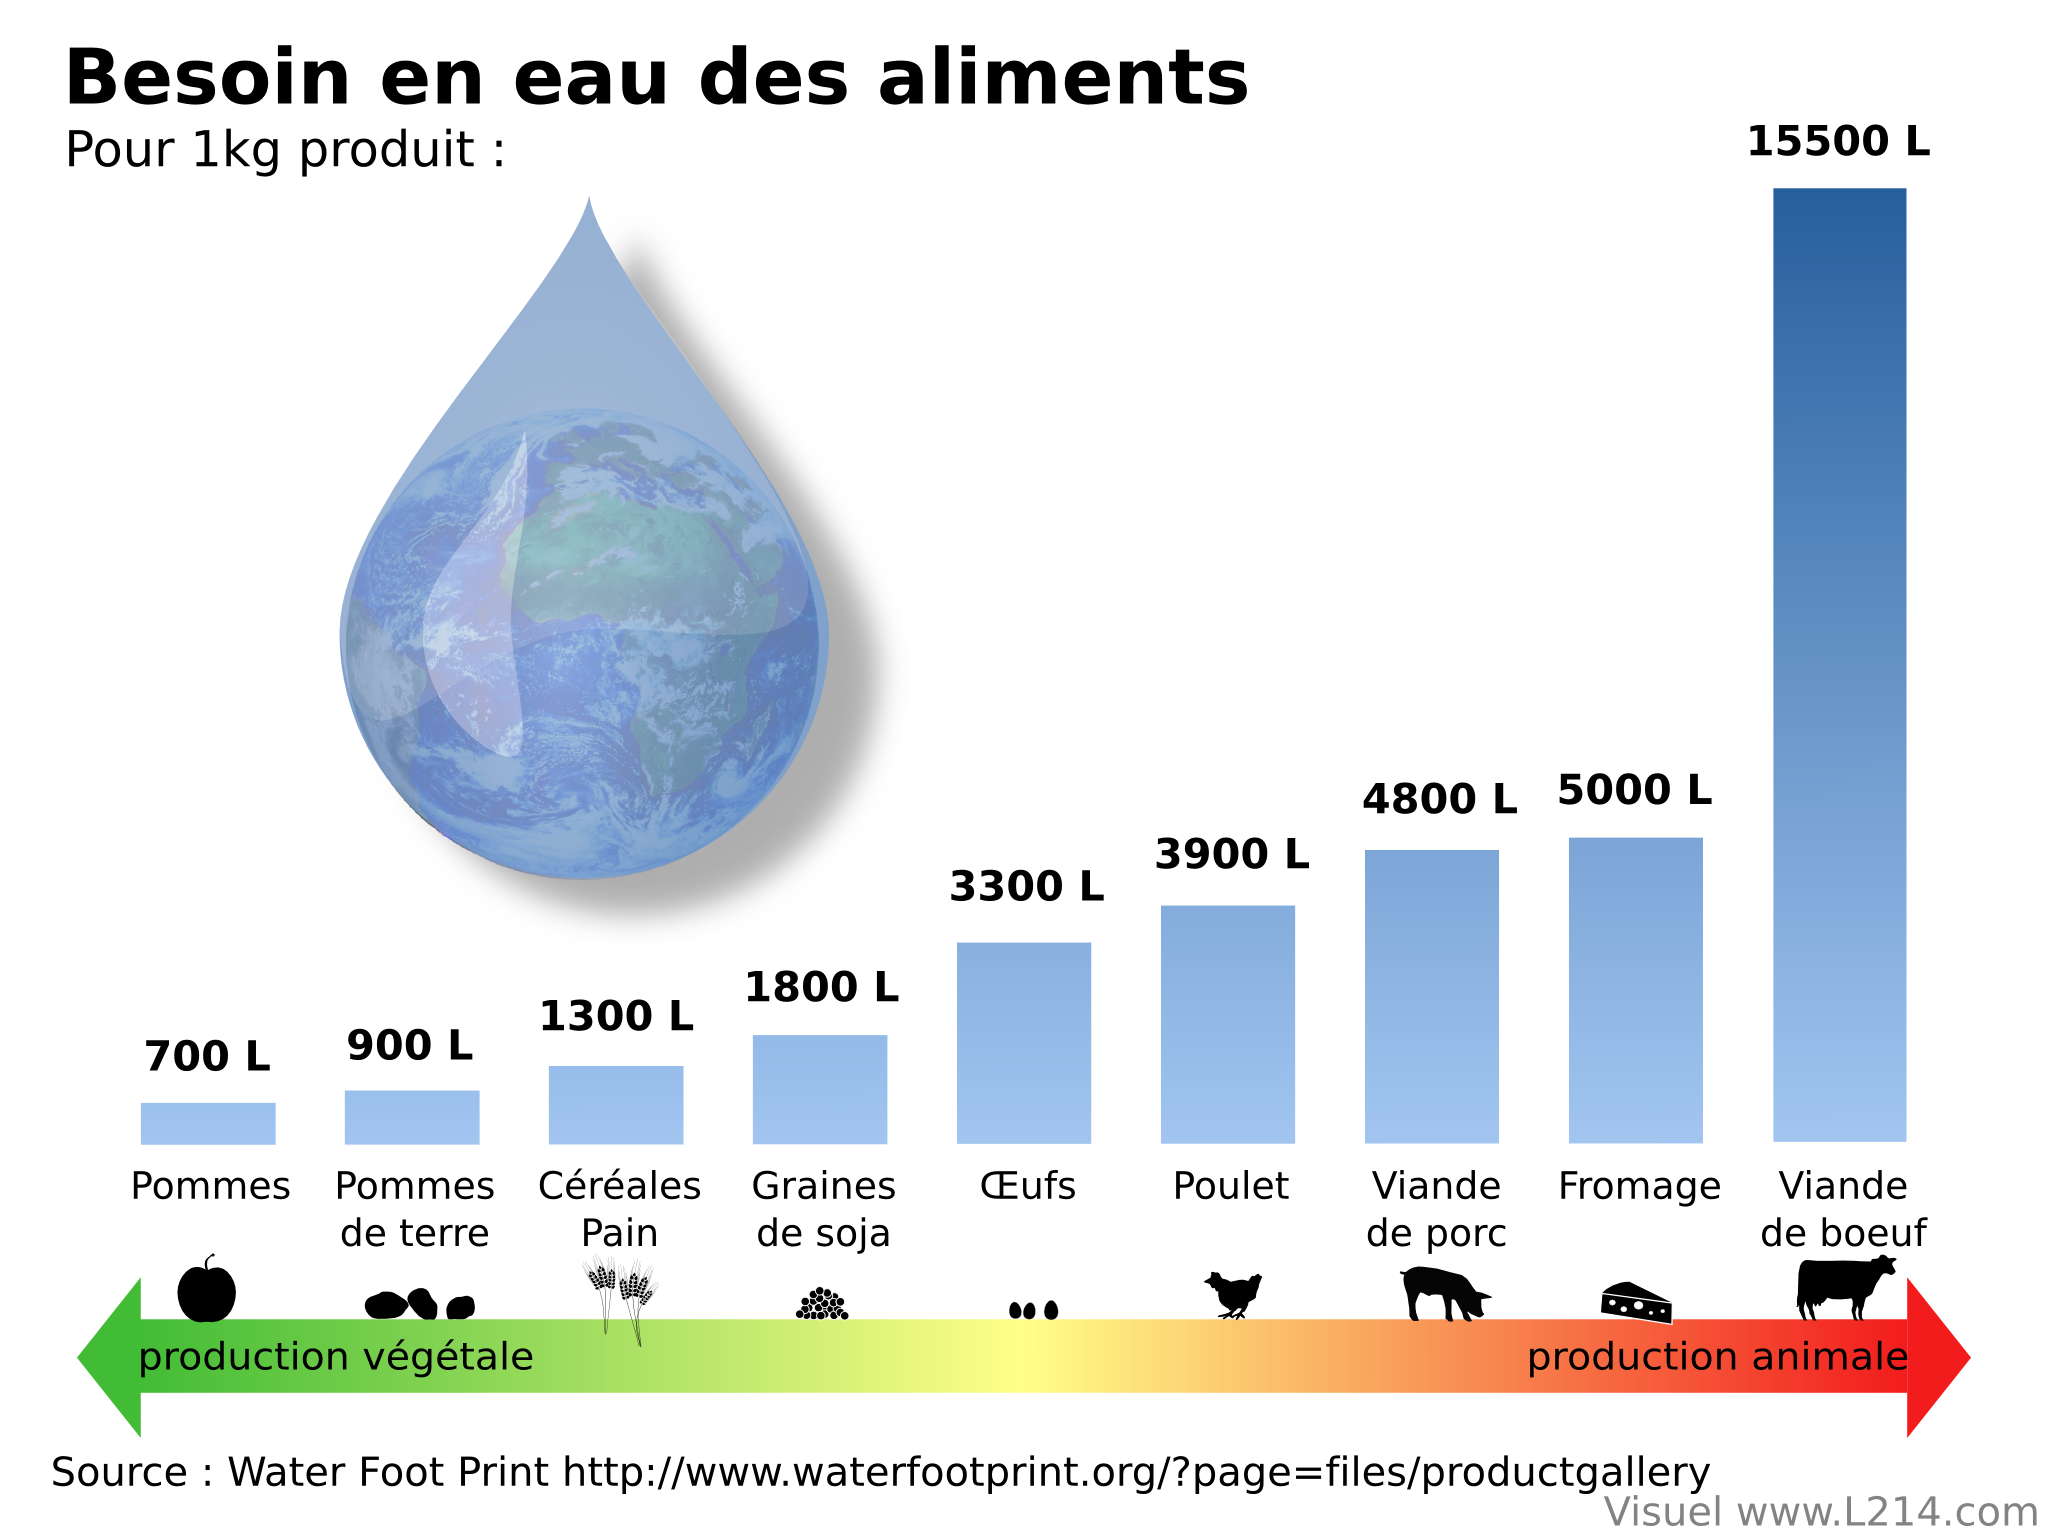 Besoin en eau des aliments viande impact sur l - Quantite de viande par personne pour un repas ...